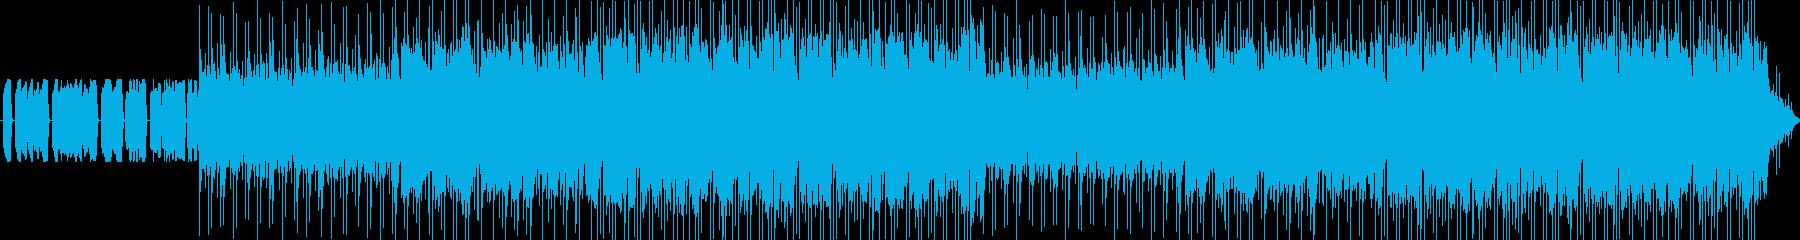 チップチューンによるアニソン風ポップスの再生済みの波形